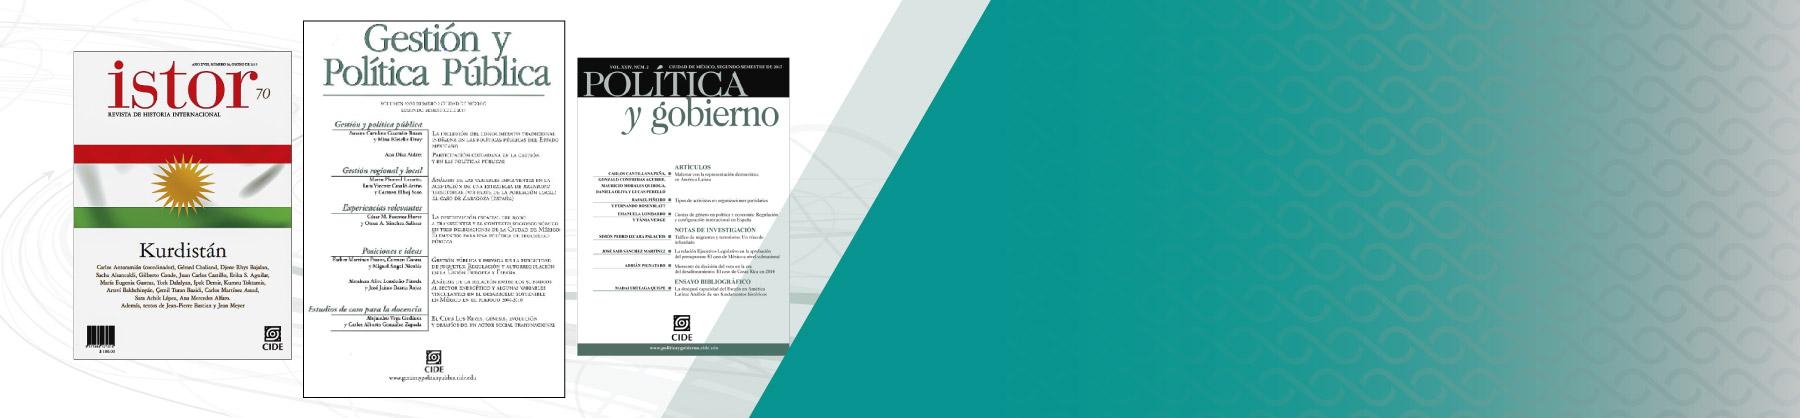 cide_Gestion_y_Politica_Publica_edicion_Segundo_Semestre_2017